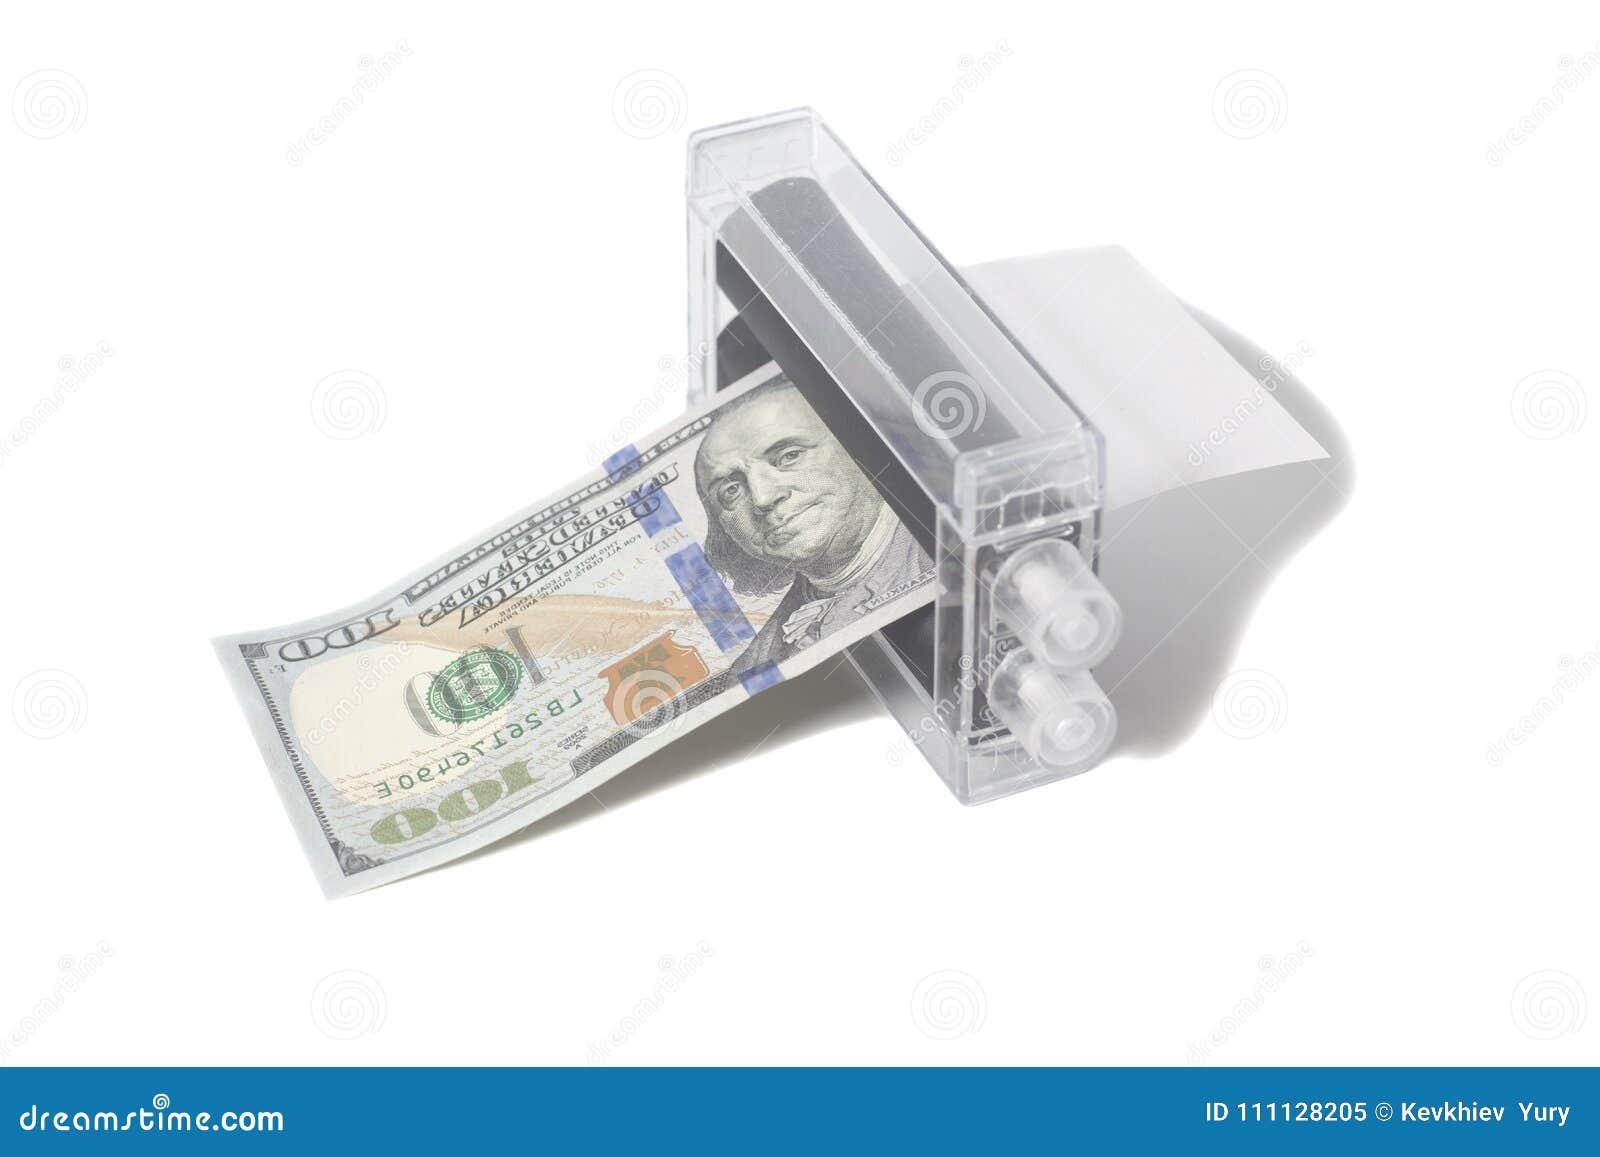 Printer Money Machine Printing Fake Dollar Stock Image